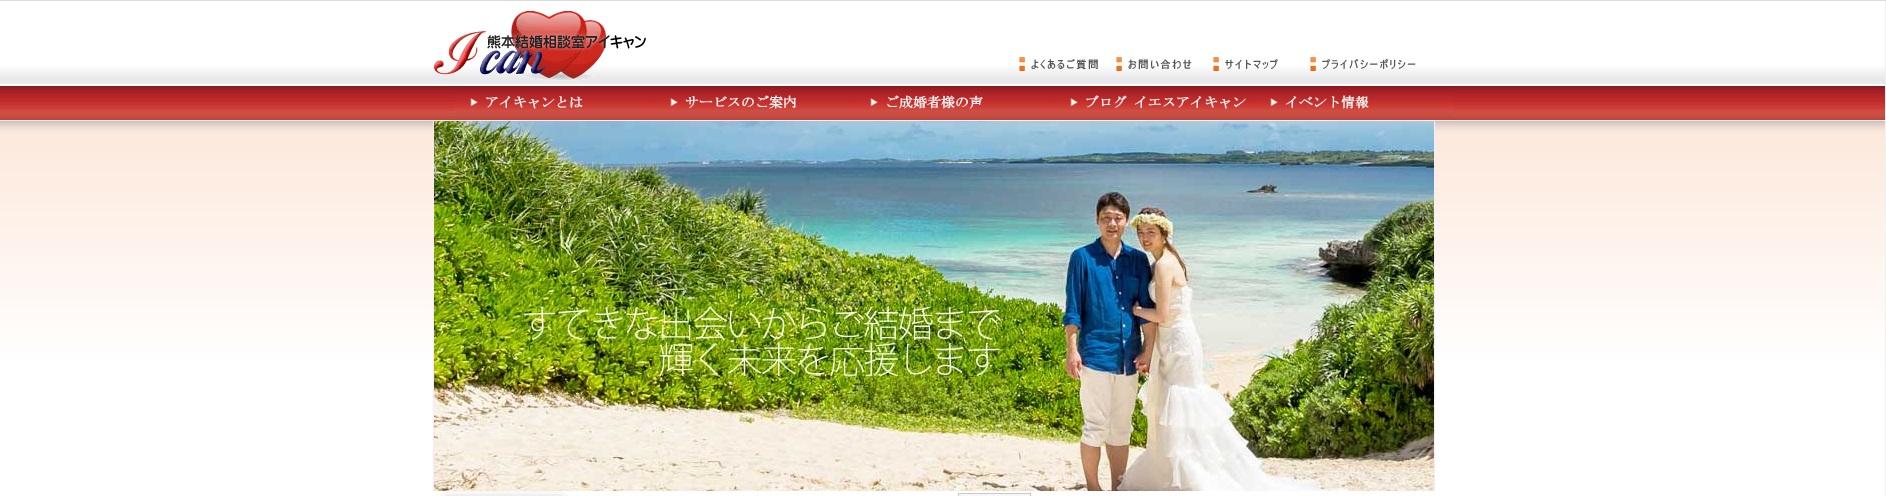 熊本結婚相談室アイキャンのトップページのスクリーンショッ